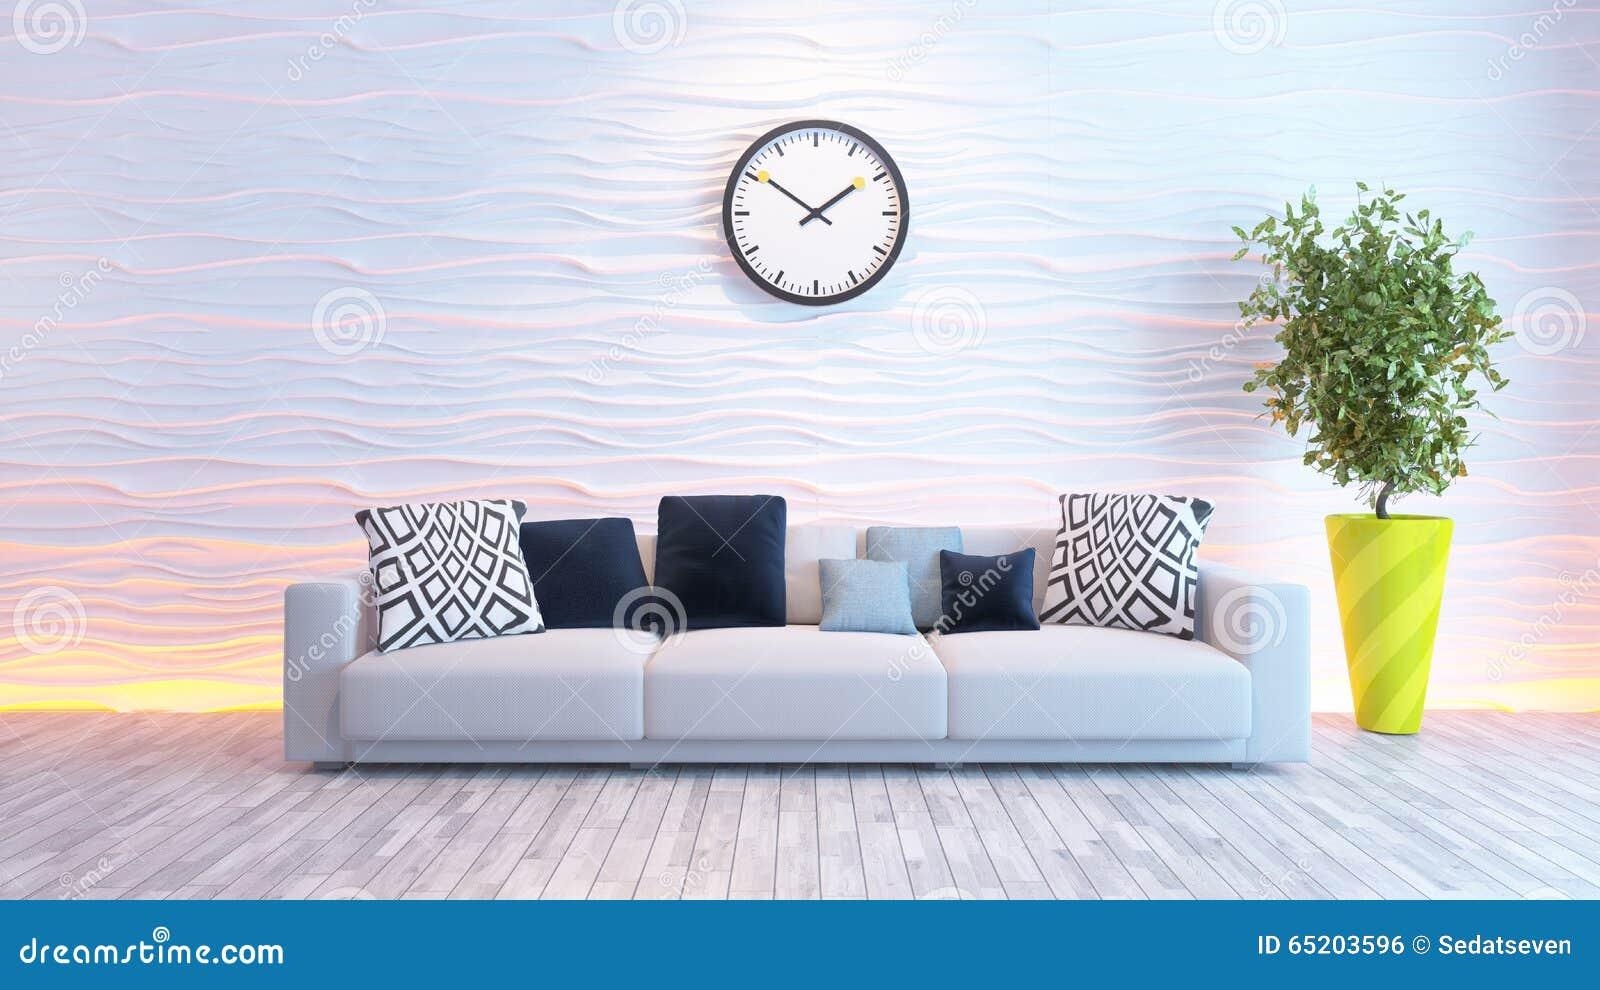 Affordable Great Best Wohnzimmer Mit Groer Uhr Auf Weier Wellenwand Stock  Abbildung With Groer Weier With With Weier Schrank Wohnzimmer